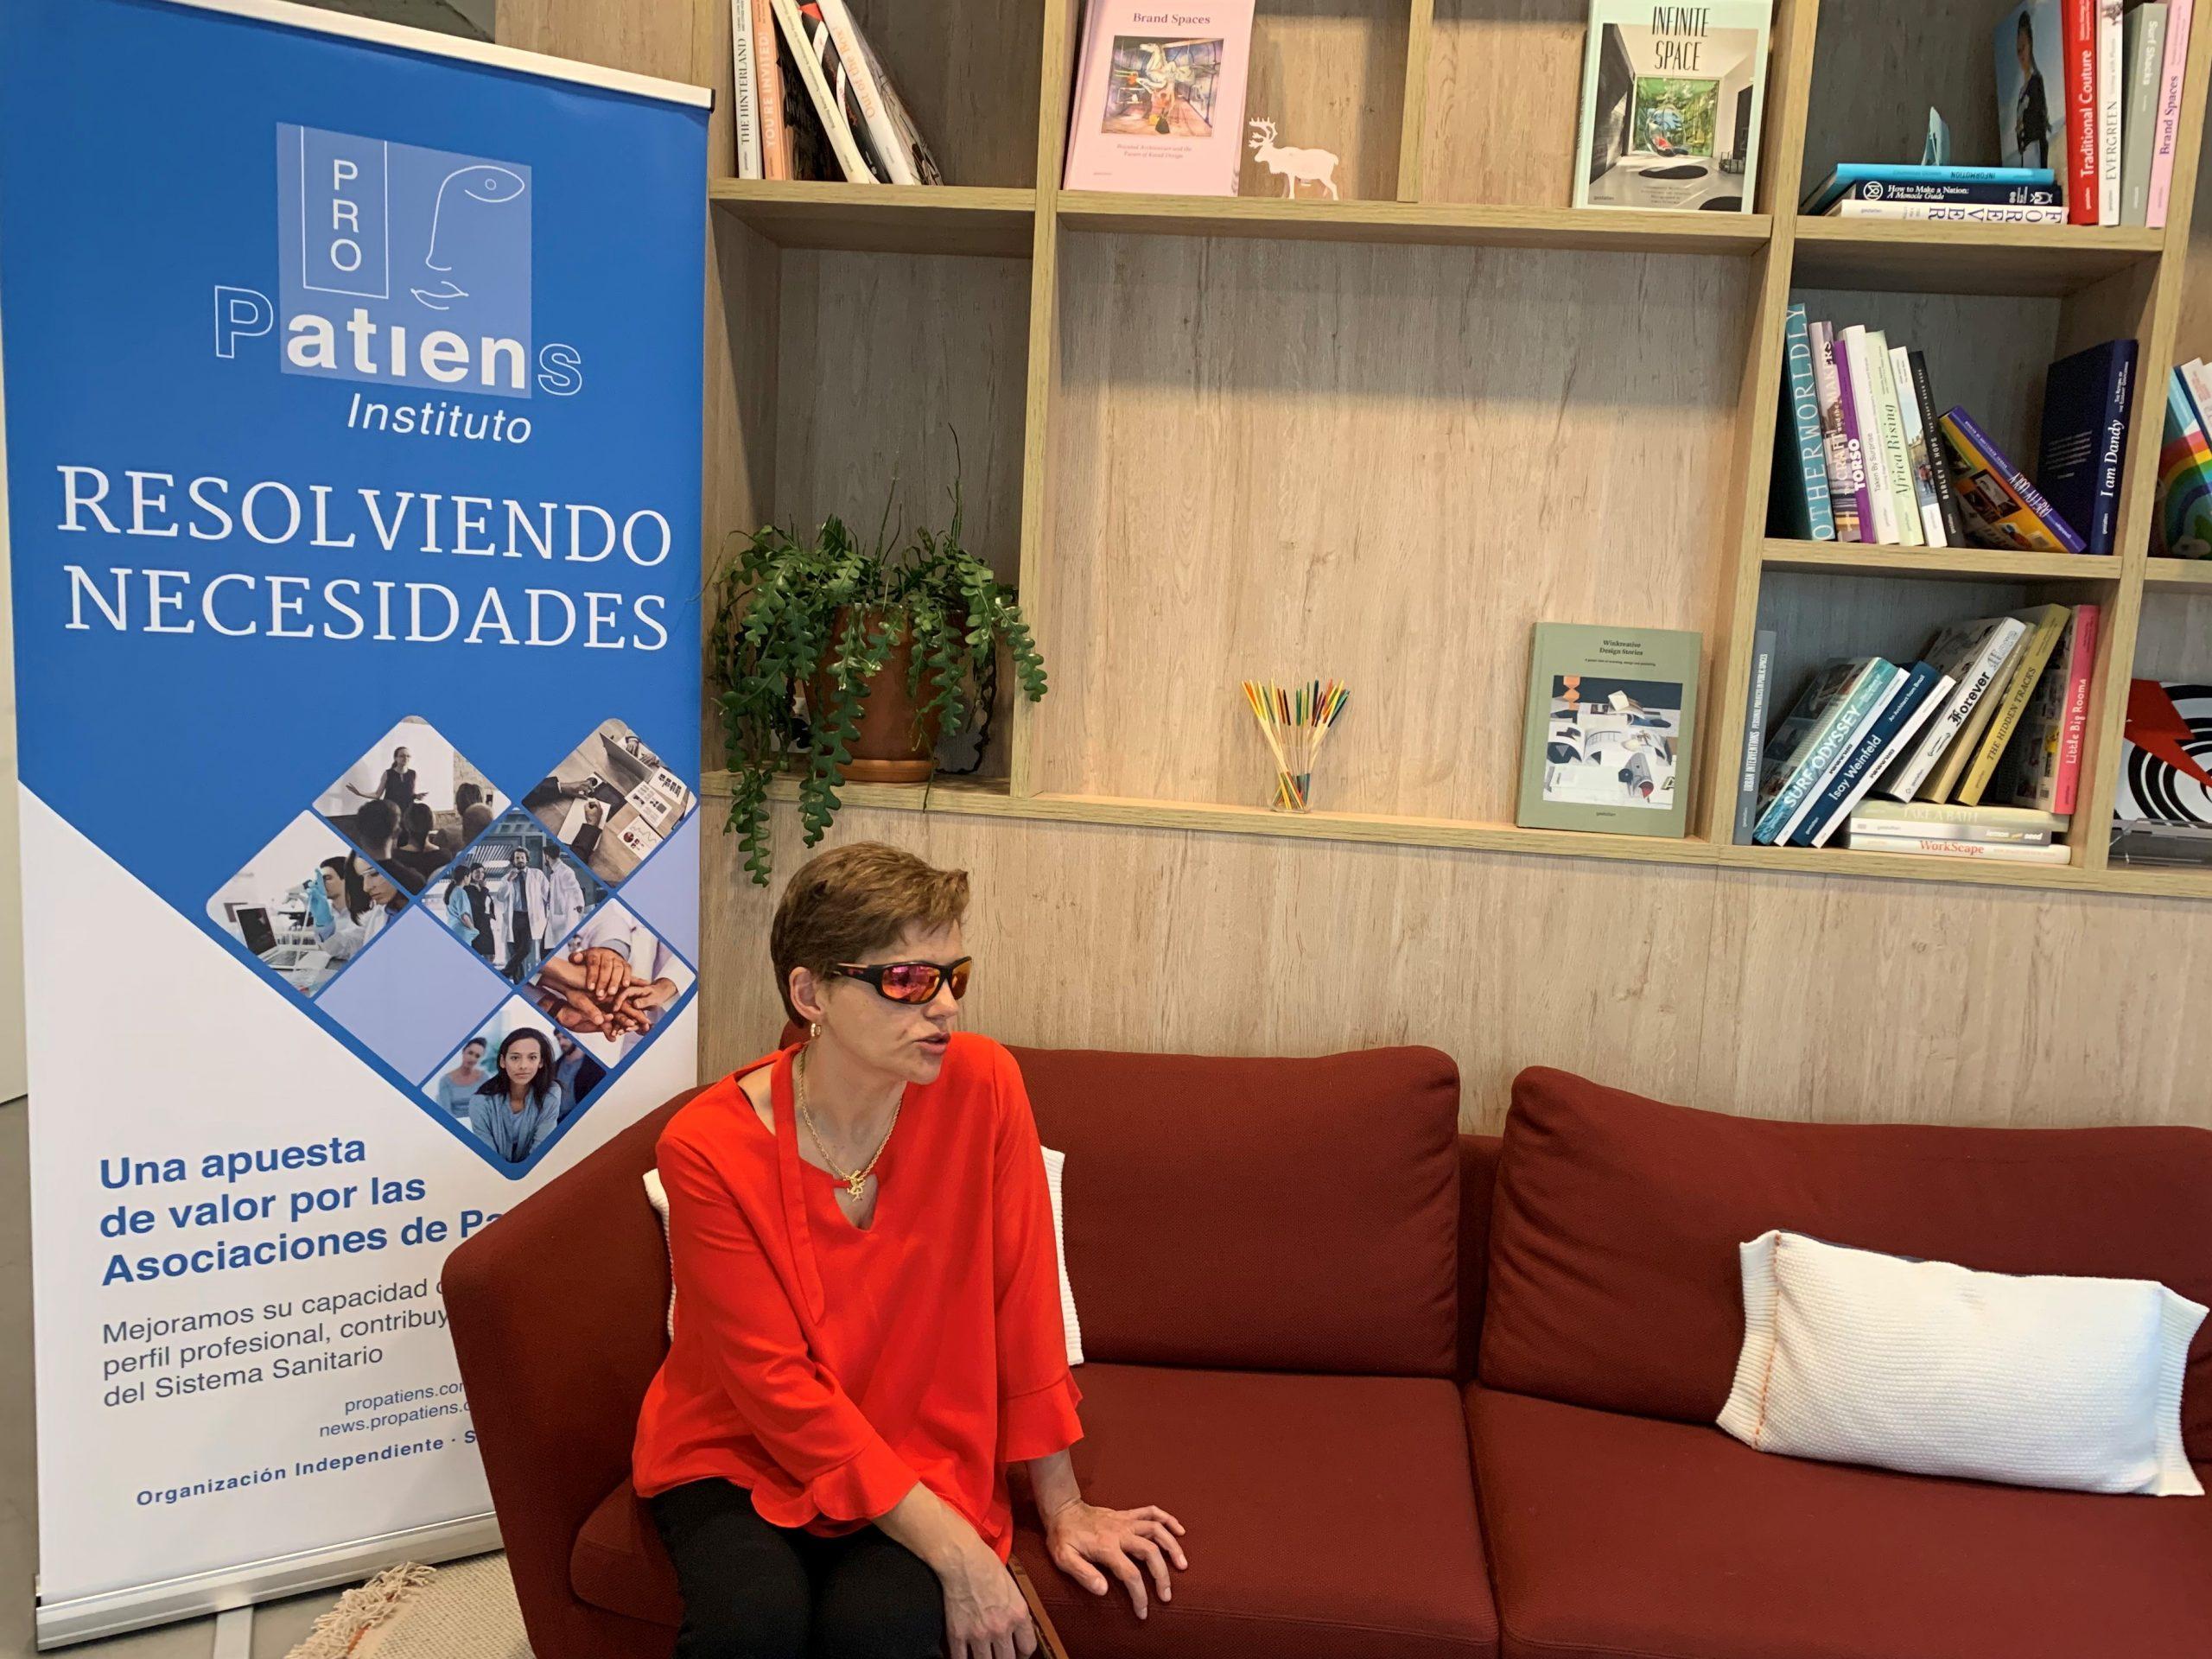 """aniridia scaled - Yolanda Asenjo: """"El Instituto ProPatiens nos puede ayudar a buscar la financiación que necesitamos para proyectos de investigación de la Aniridia"""""""